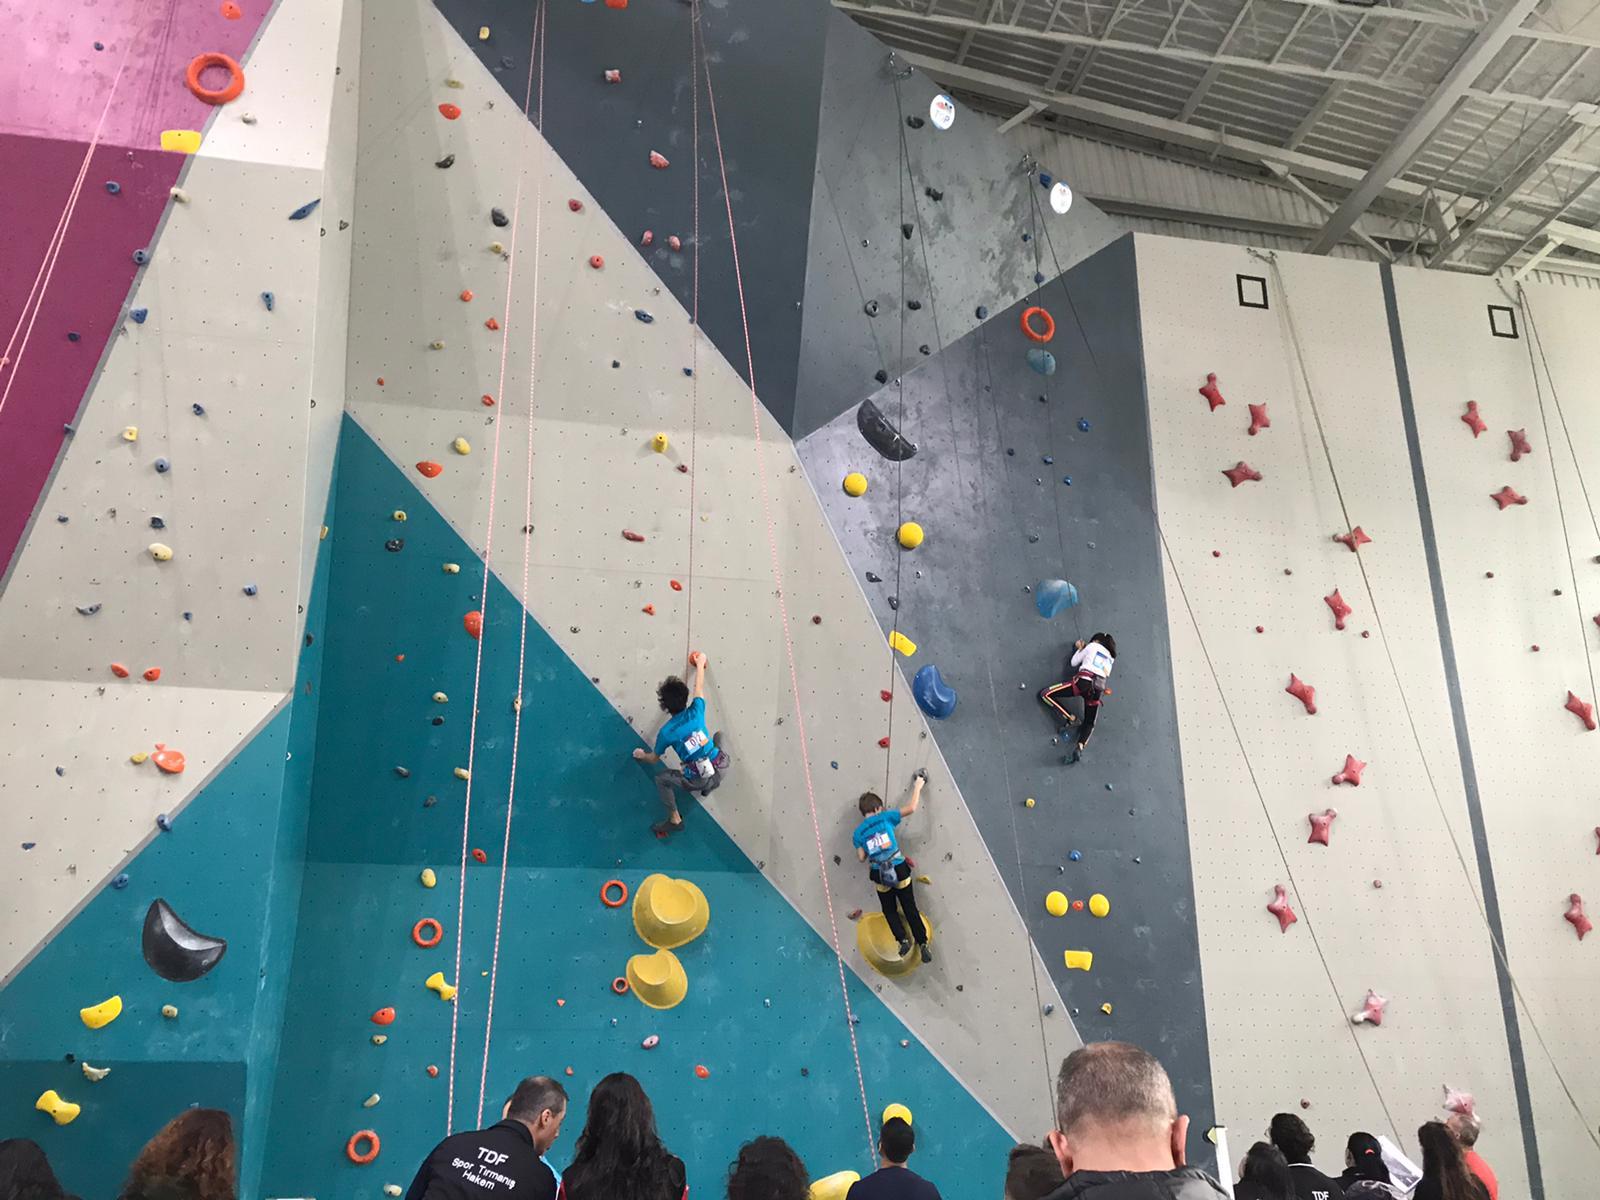 Spor Tırmanış 4. Bölge Şampiyonası – Sakarya Başvuruları (Boulder)